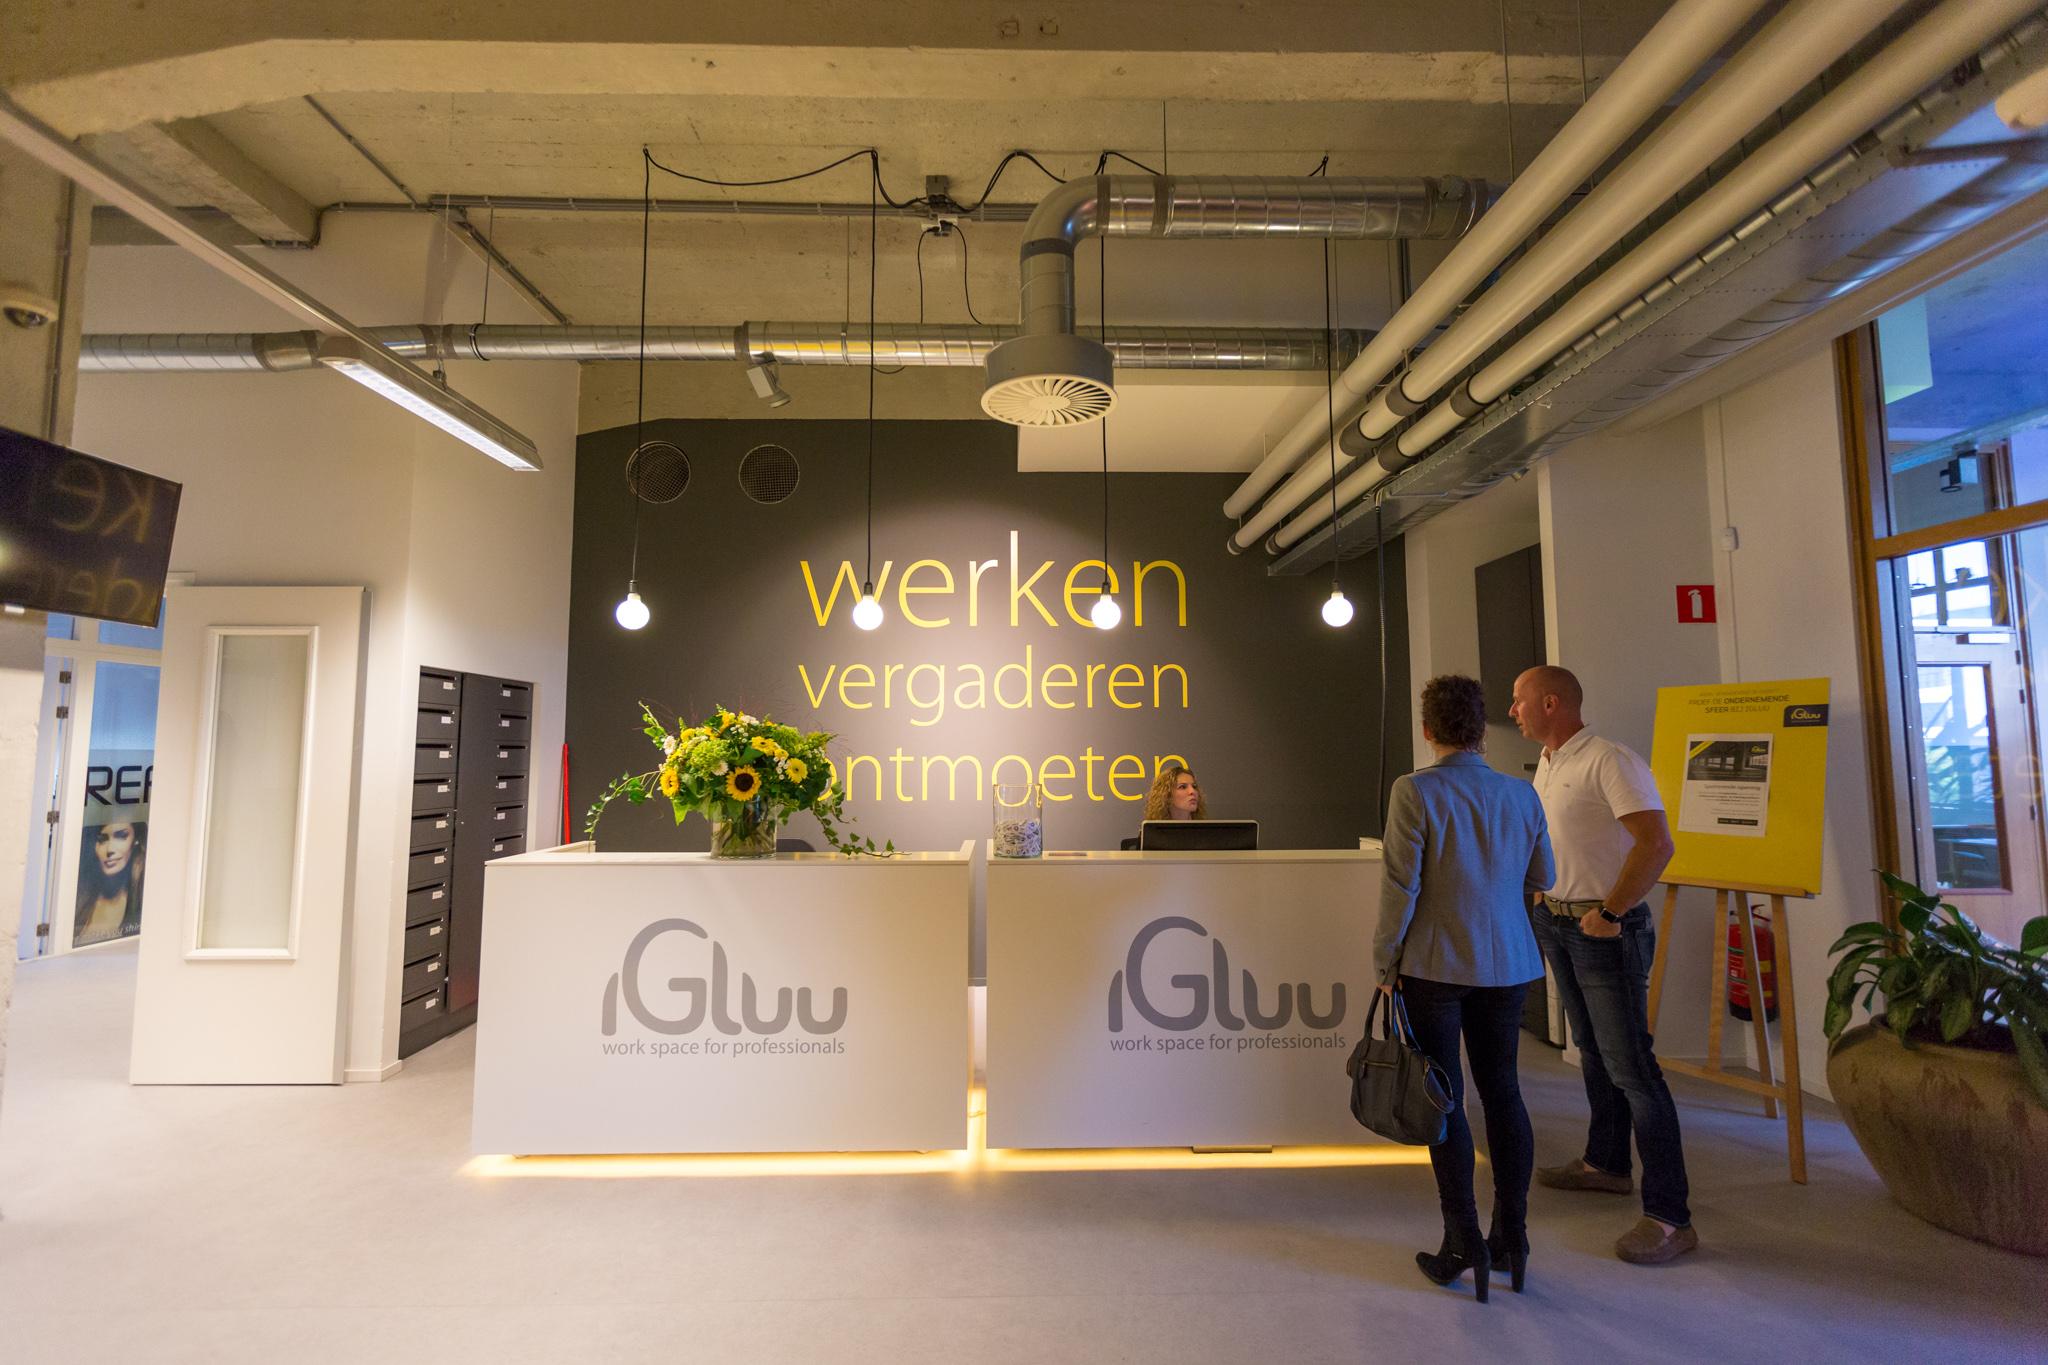 Lichttoren 32 in Eindhoven